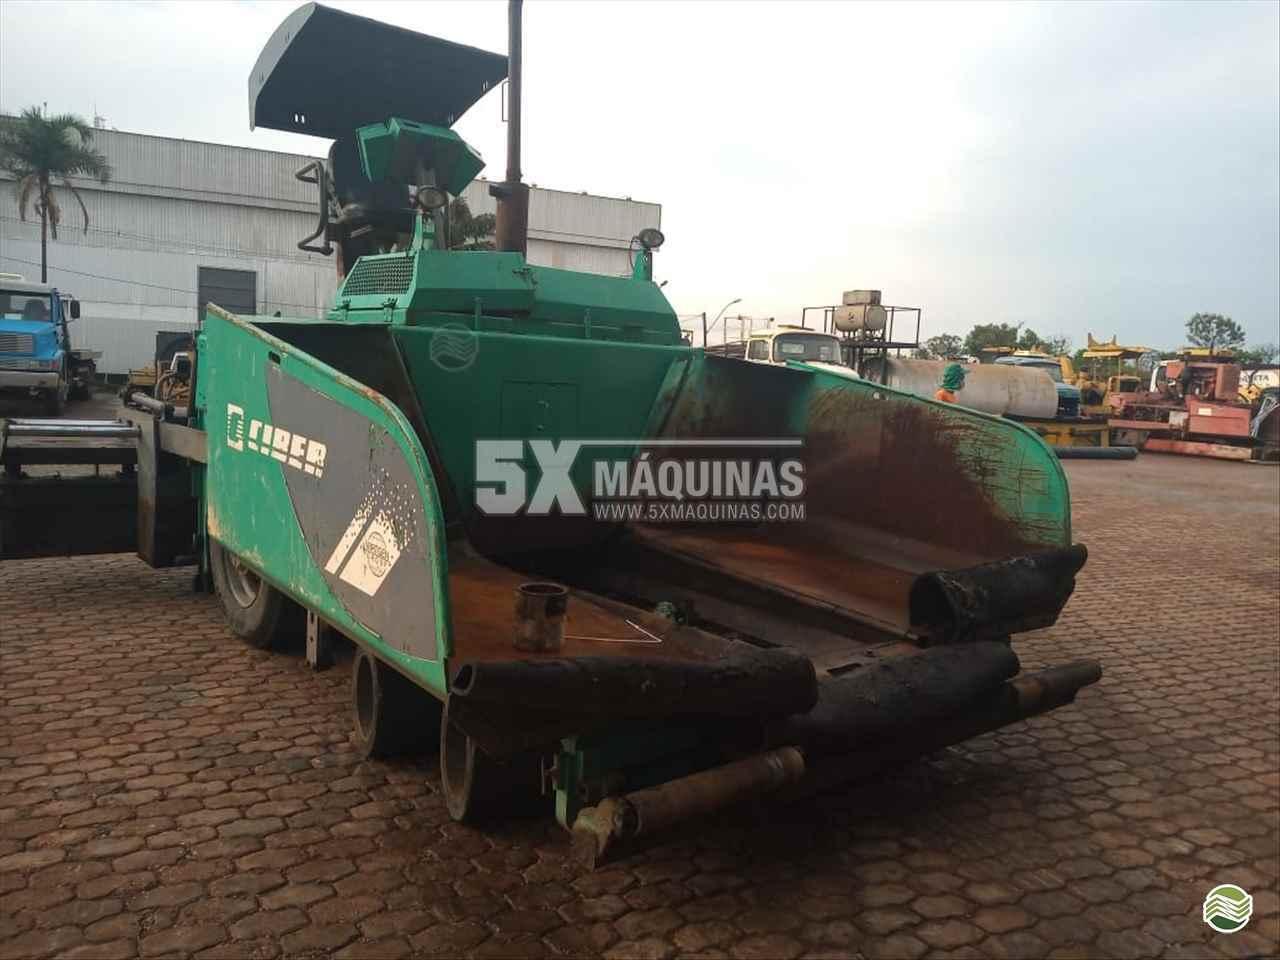 MAQUINAS CIBER VIBROACABADORA 5X Máquinas  CAMPO GRANDE MATO GROSSO DO SUL MS